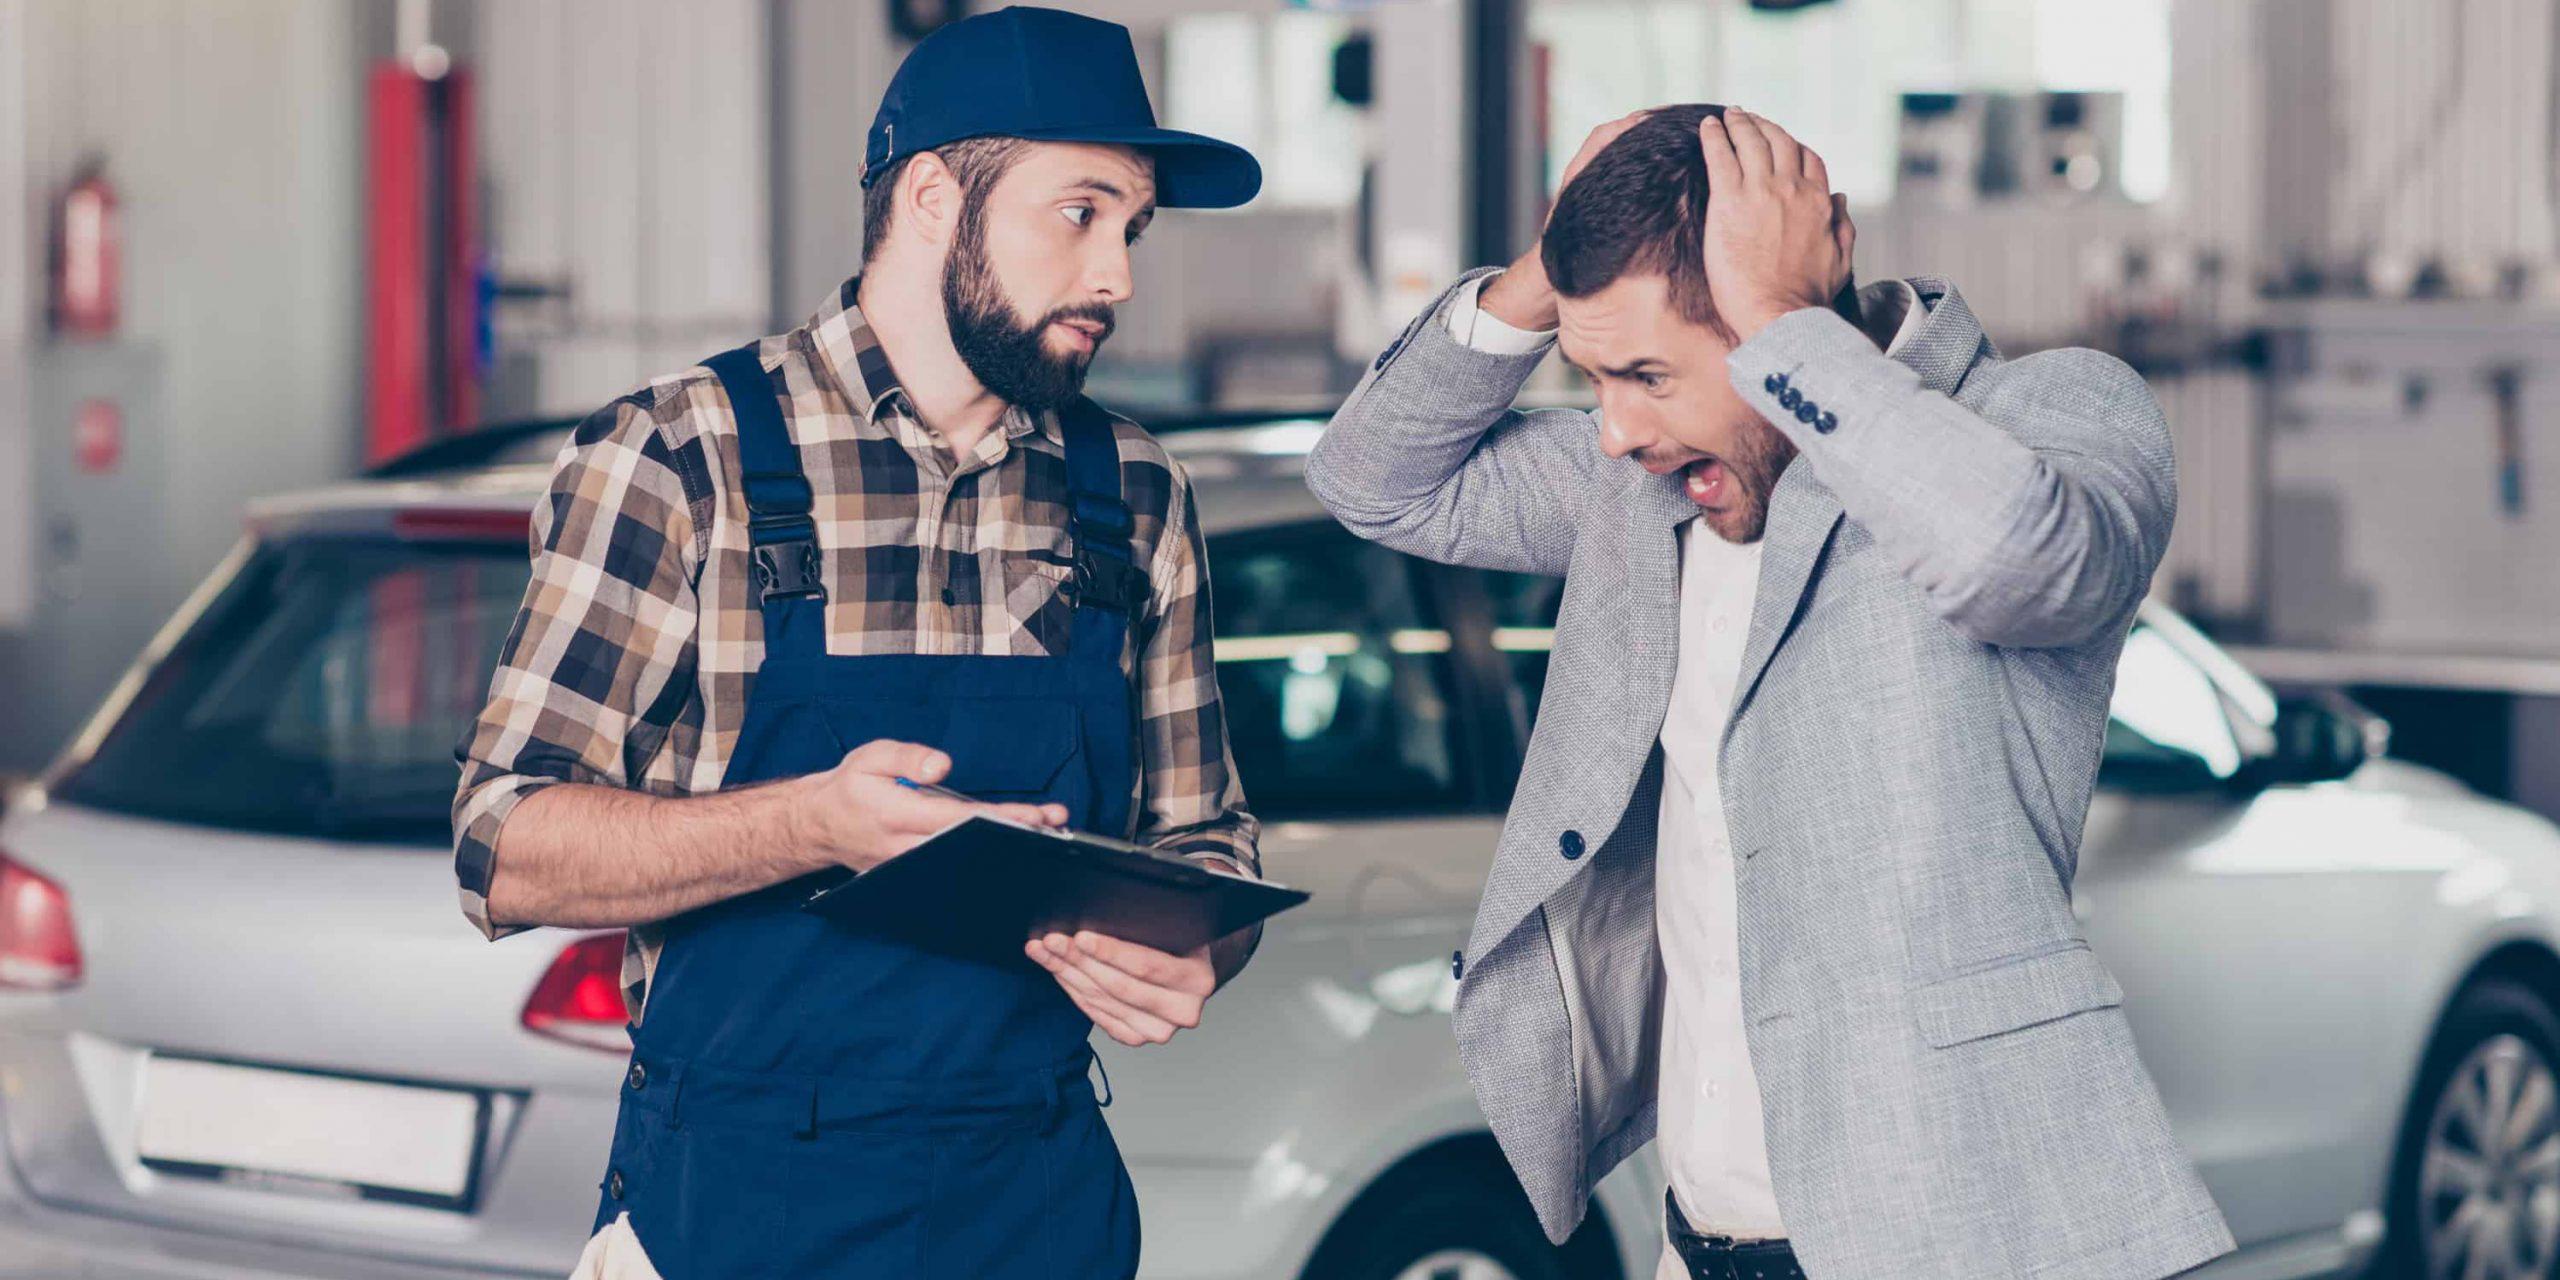 Российских автовладельцев предупреждают о мошенничестве в автосервисах